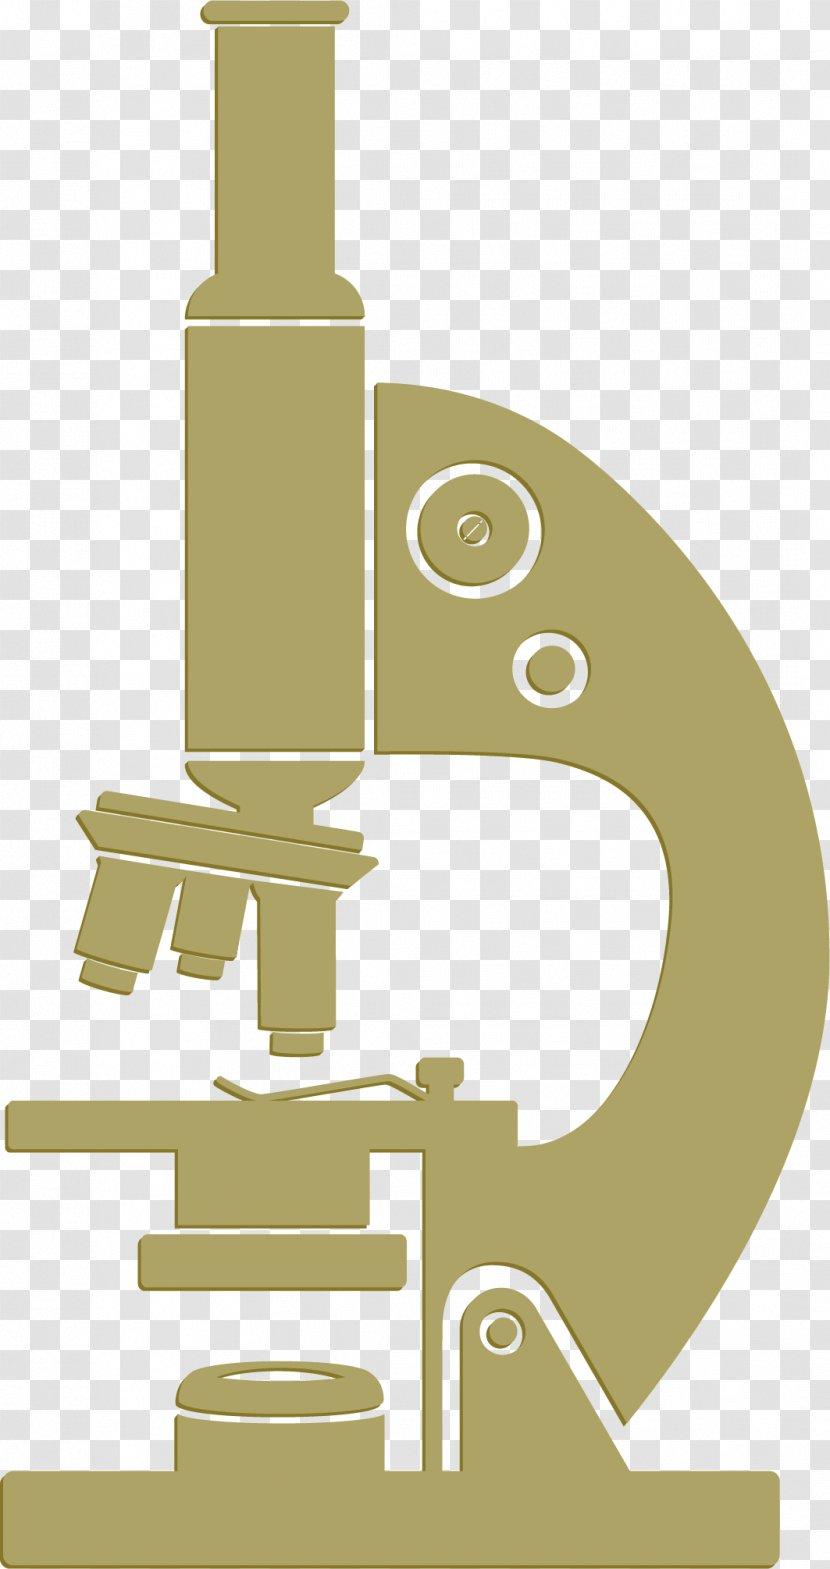 microscope cartoon drawing material transparent png microscope cartoon drawing material